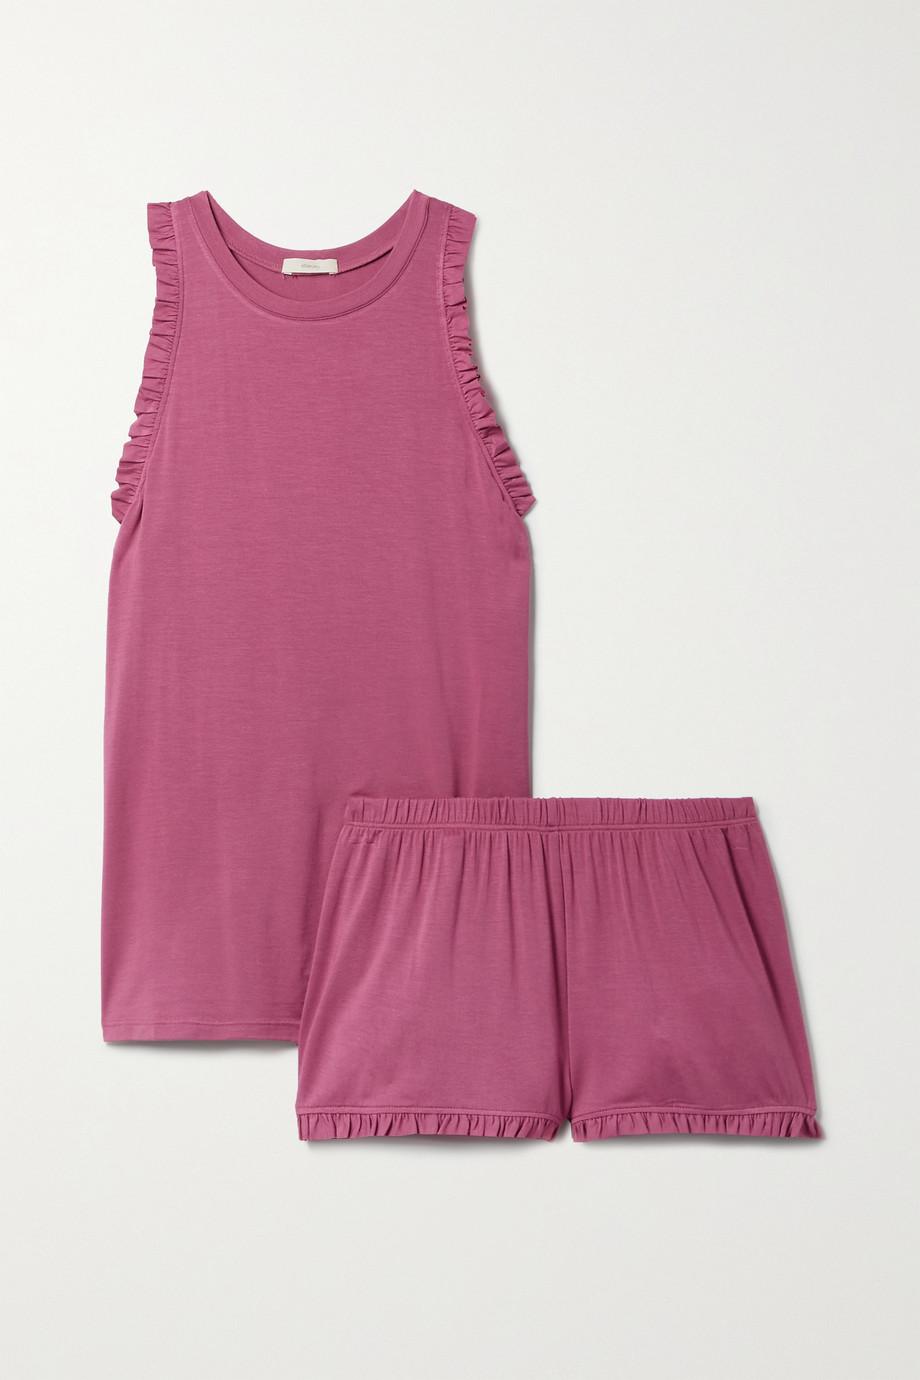 Eberjey Ruthie Caravan Pyjama aus Stretch-Modal mit Rüschen